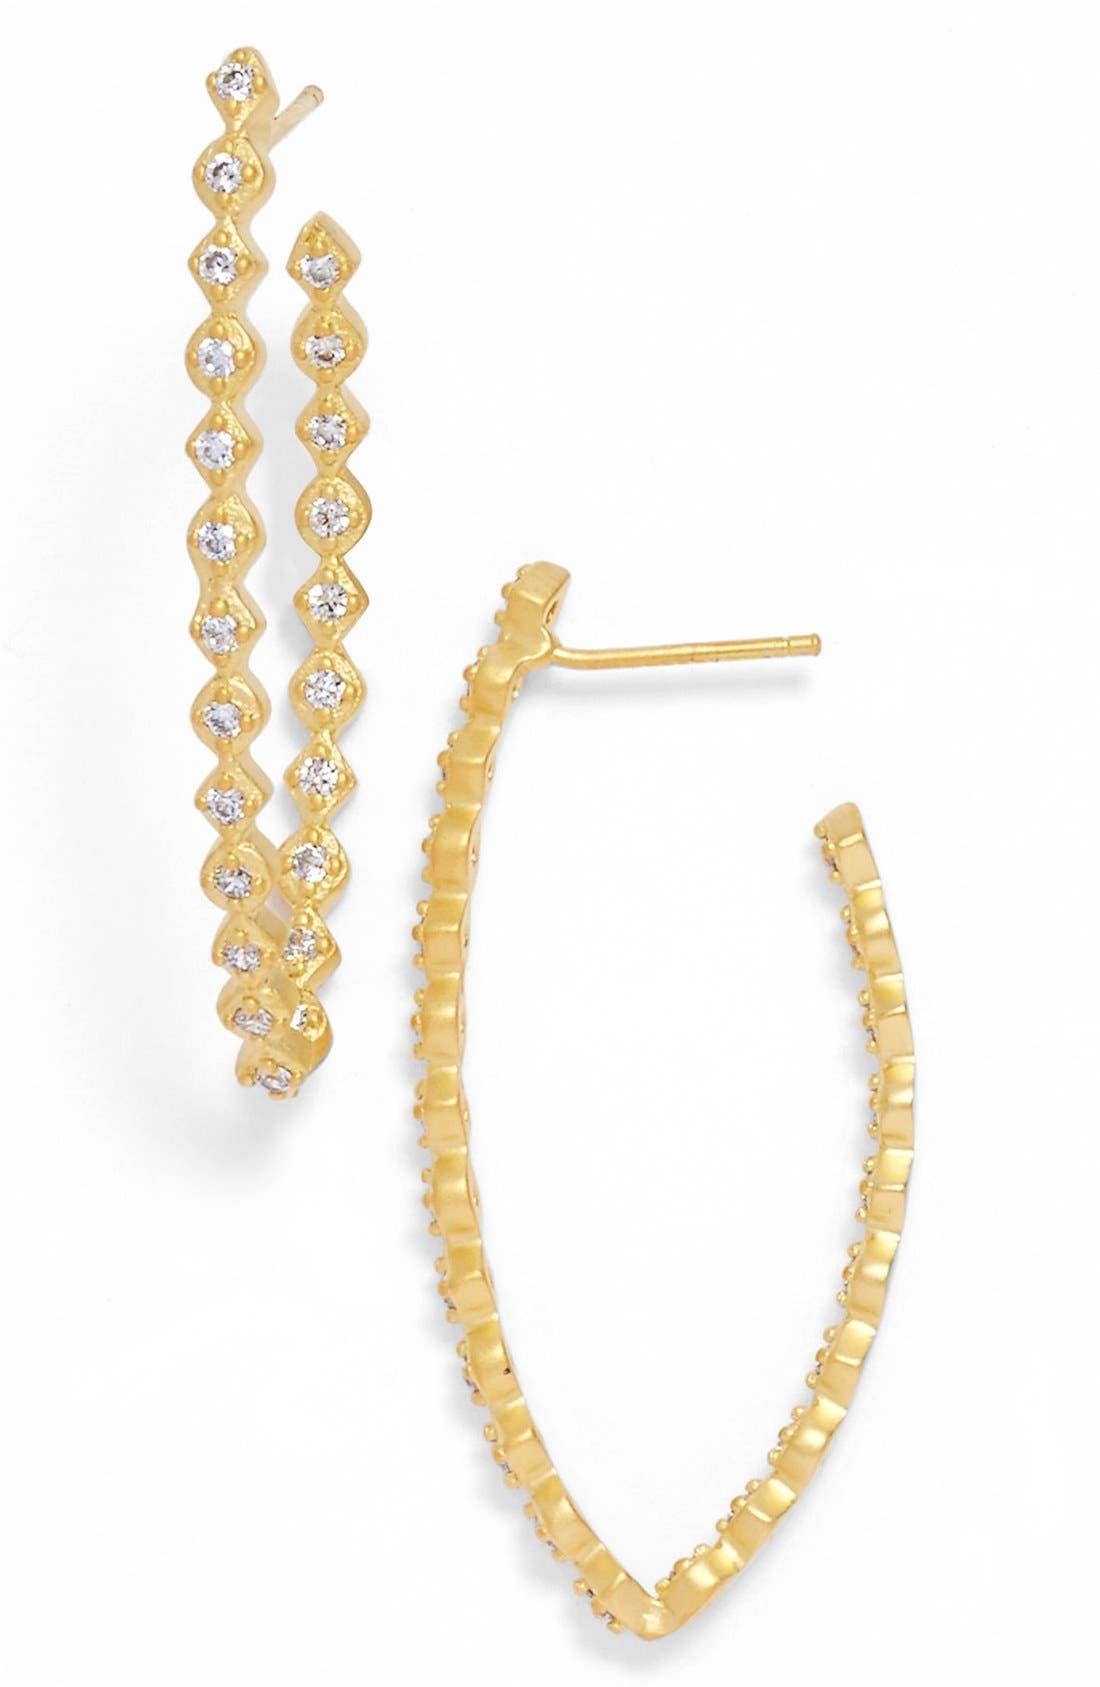 Alternate Image 1 Selected - FREIDA ROTHMAN 'Textured Pearl' Cubic Zirconia Elongated Hoop Earrings